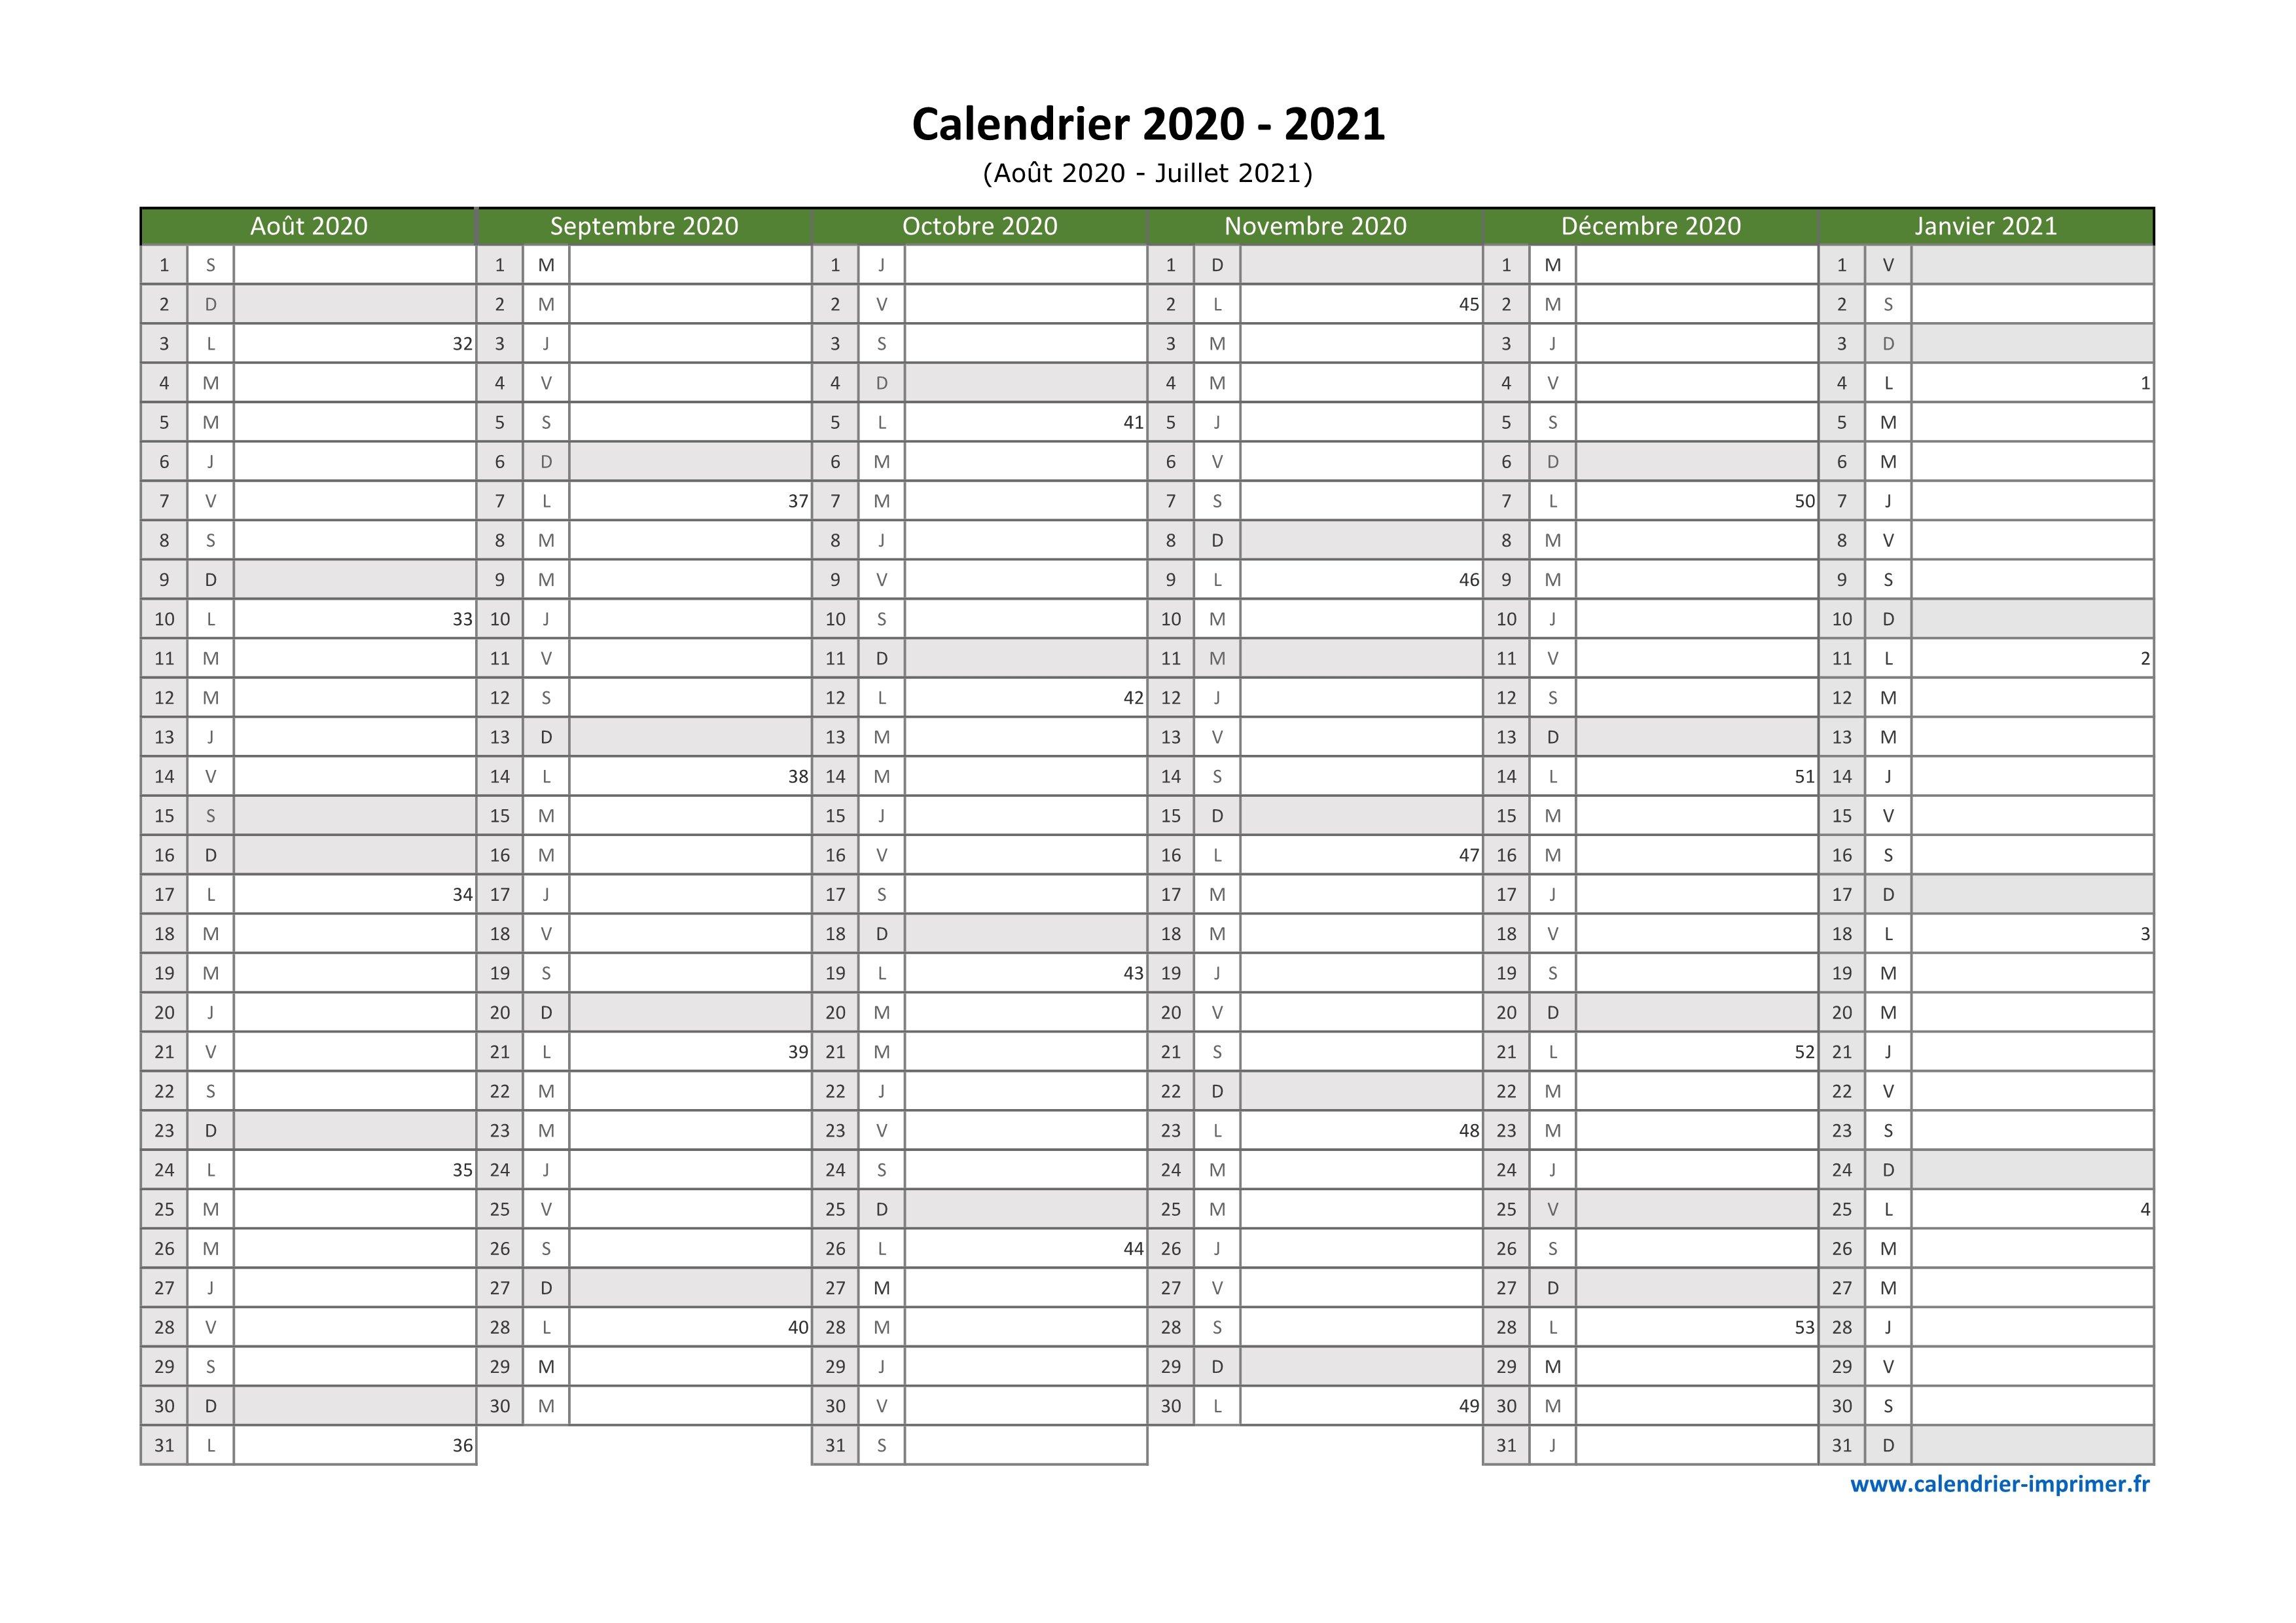 Calendrier Juillet Aout 2021 Excel Calendrier 2020 2021 à imprimer